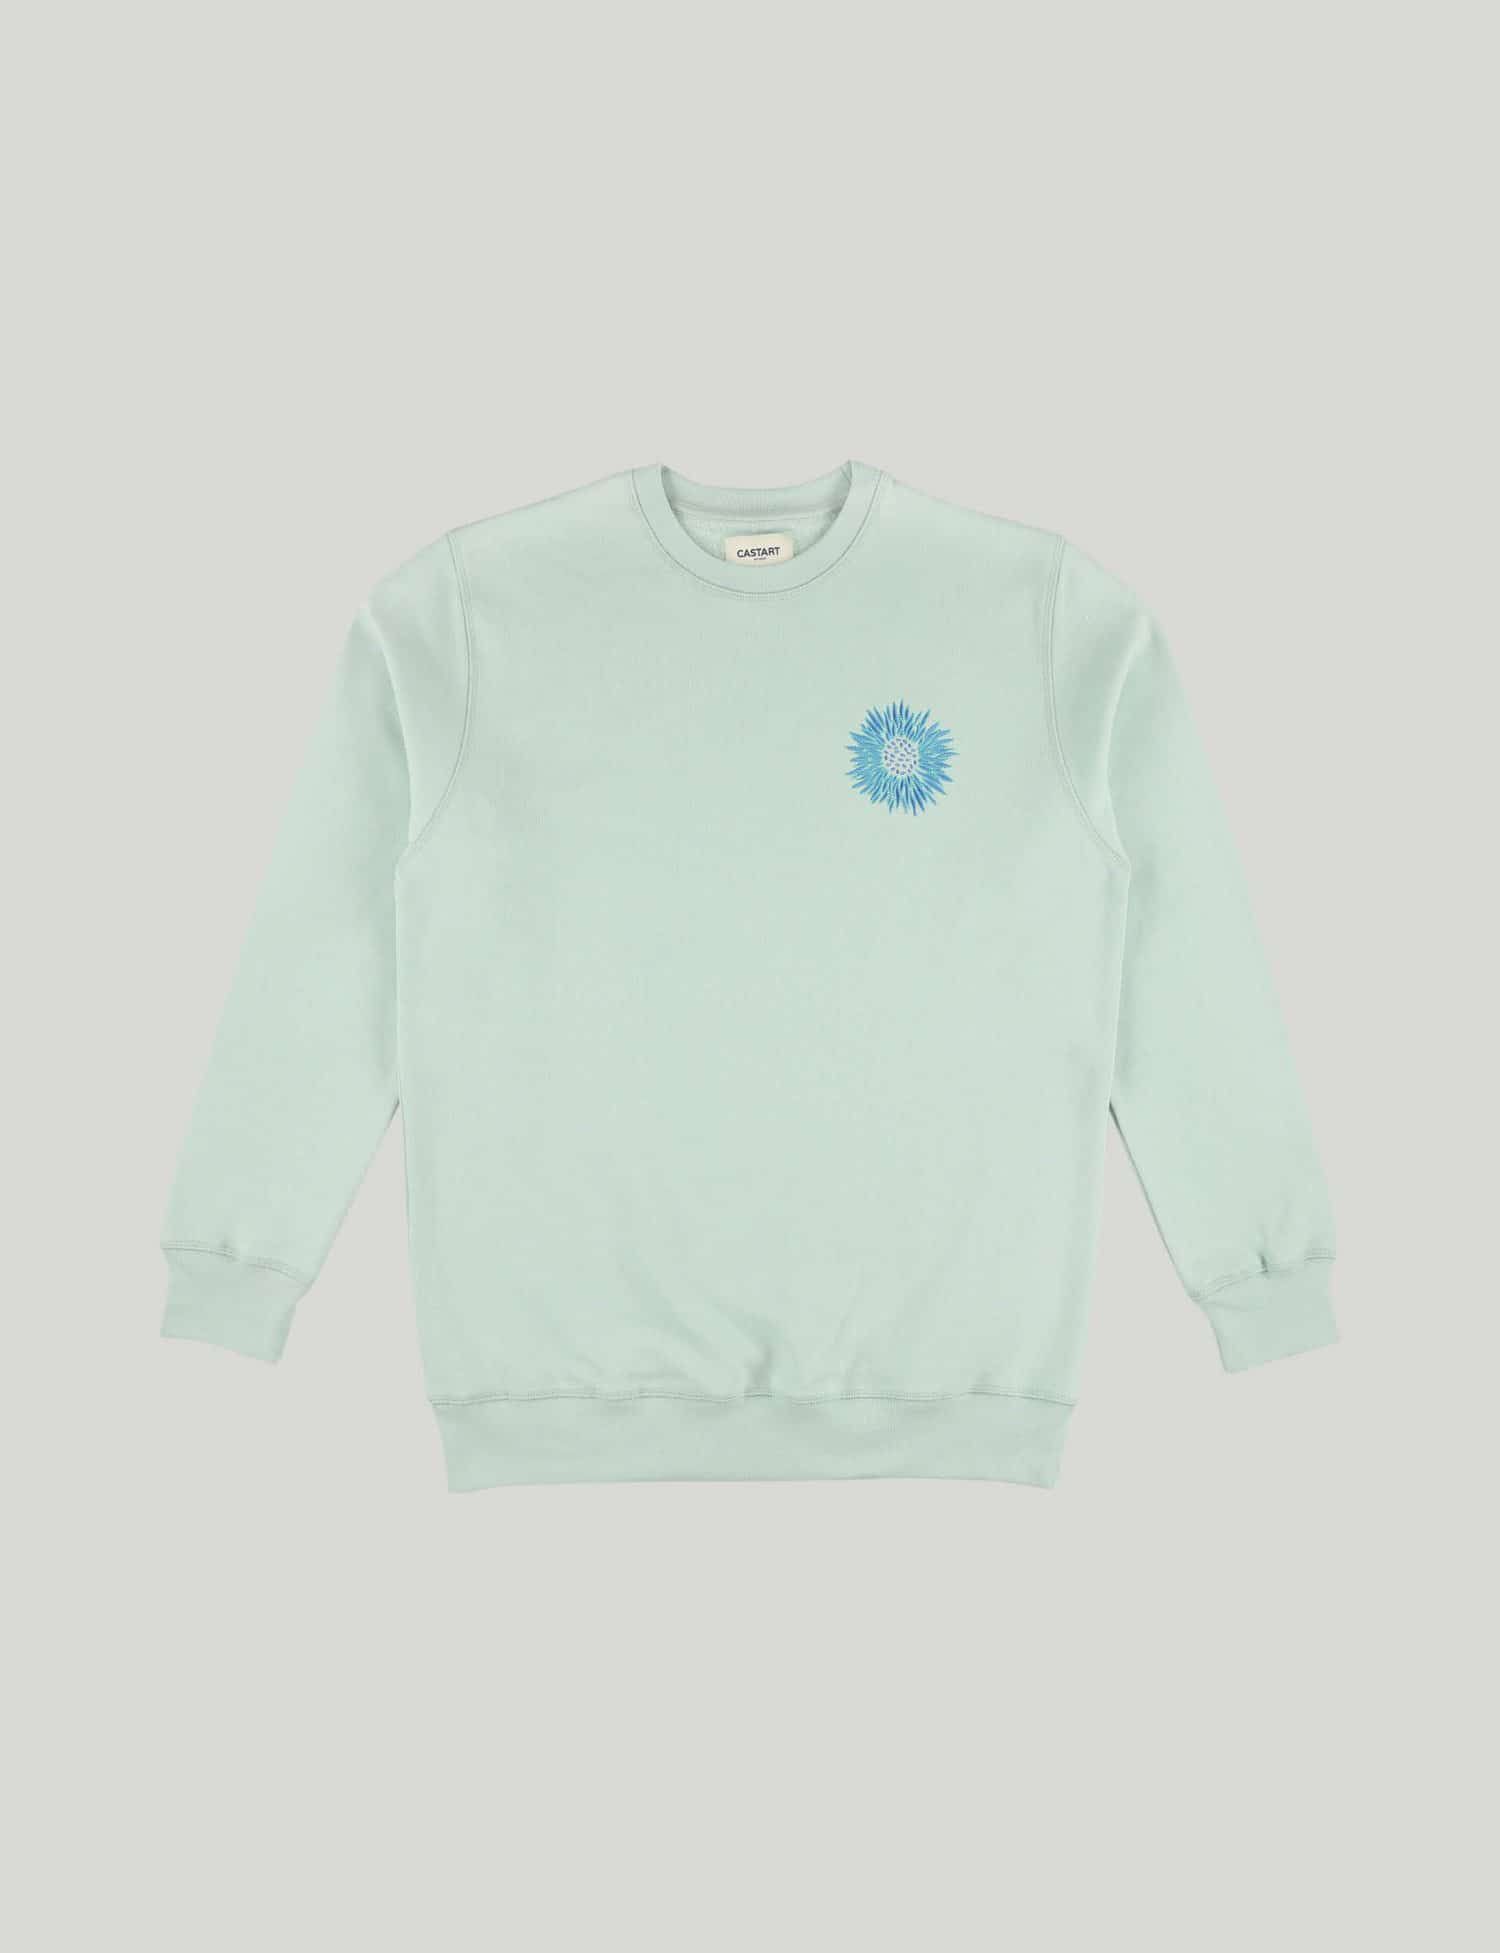 Castart - Mari Posa Sweater - Ice Blue